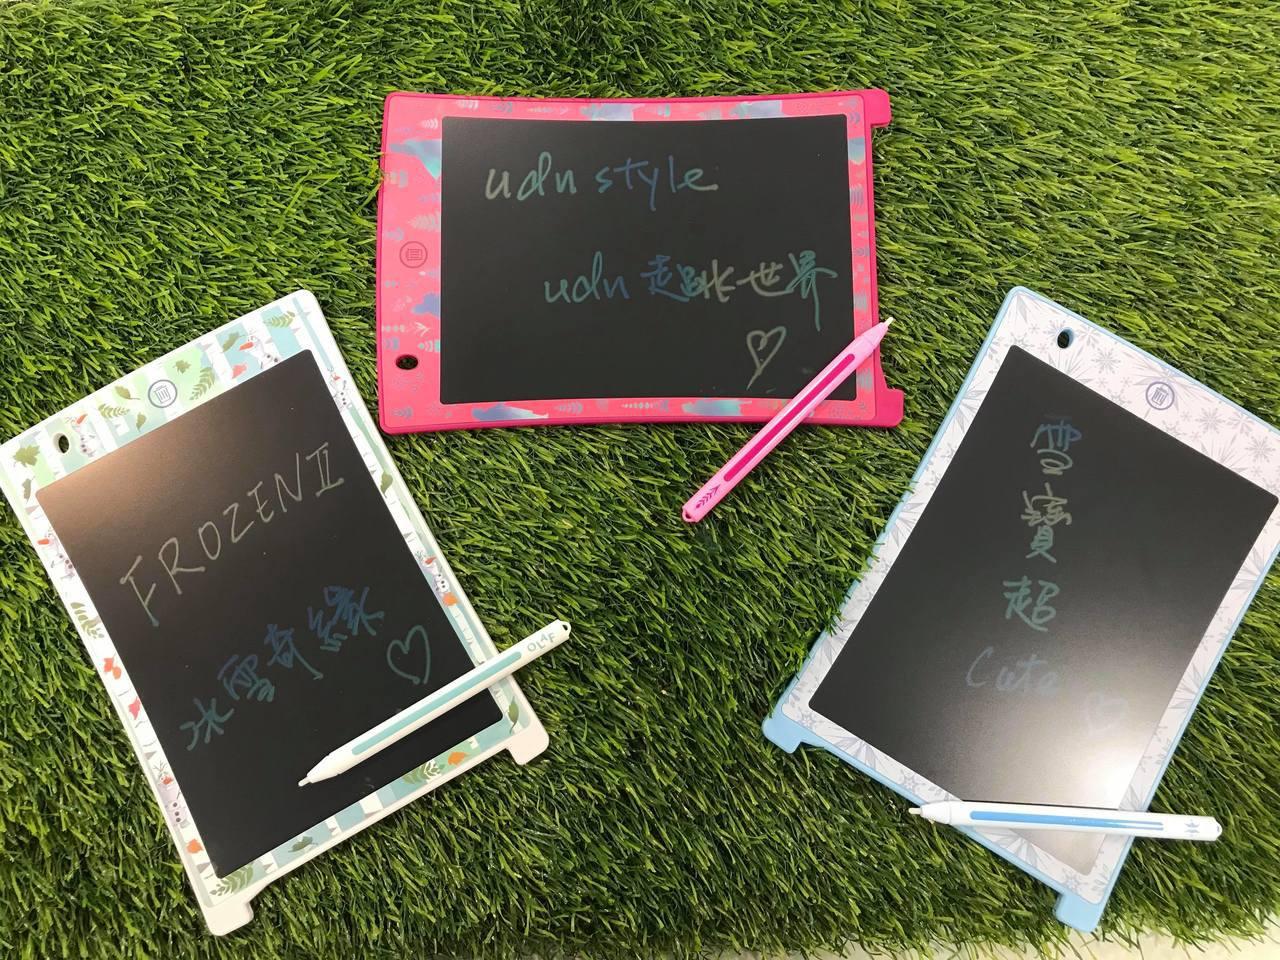 冰雪奇緣系列電紙繪板,共有艾莎、安娜、雪寶等3款,售價皆為699元,7-ELEV...